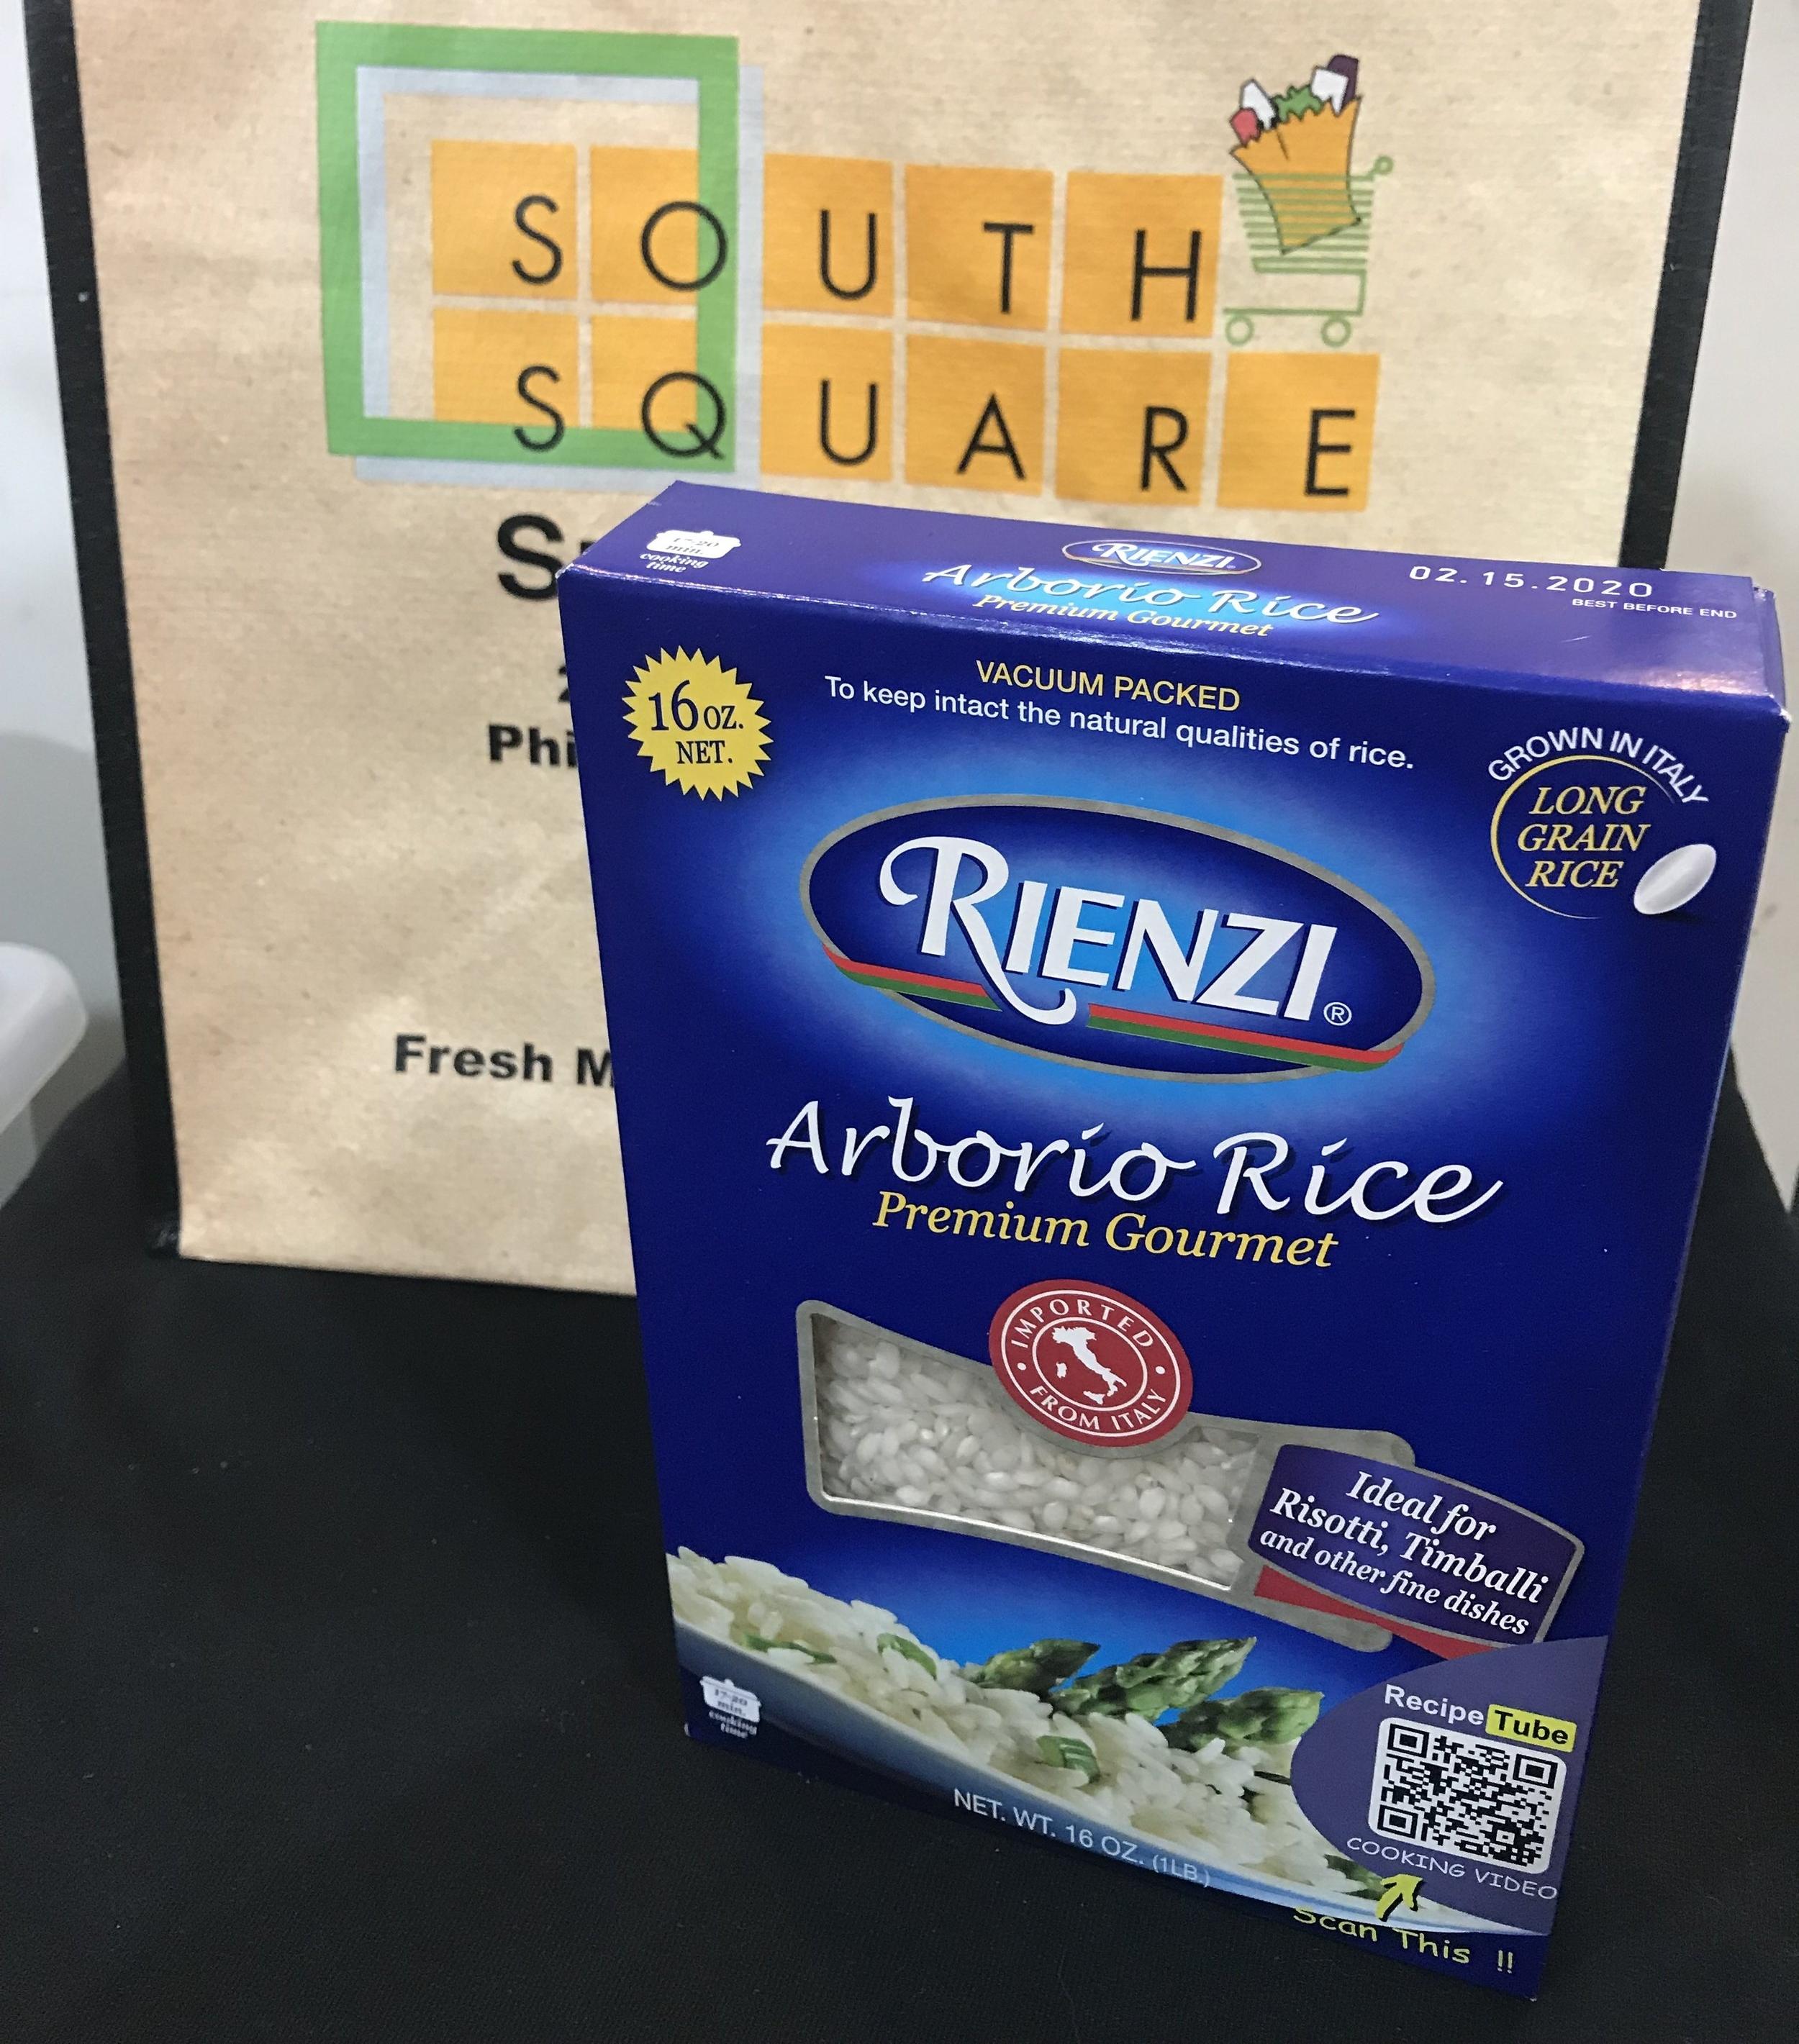 Rienzi Arborio Rice